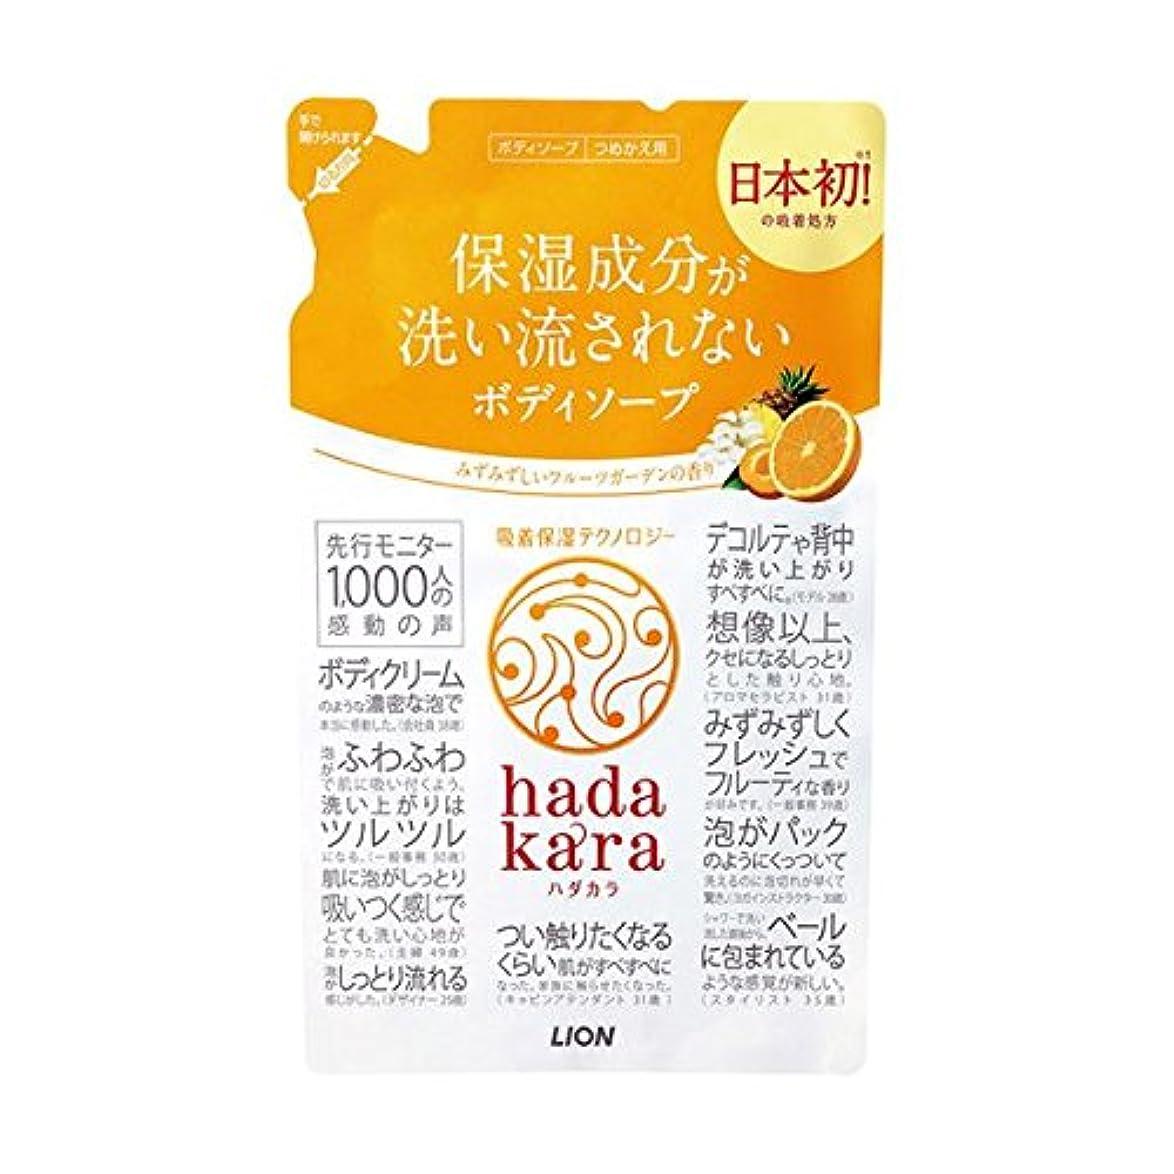 にもかかわらず拍手ベテラン【お徳用 10 セット】 hadakara(ハダカラ) ボディソープ フルーツガーデンの香り つめかえ用 360ml×10セット